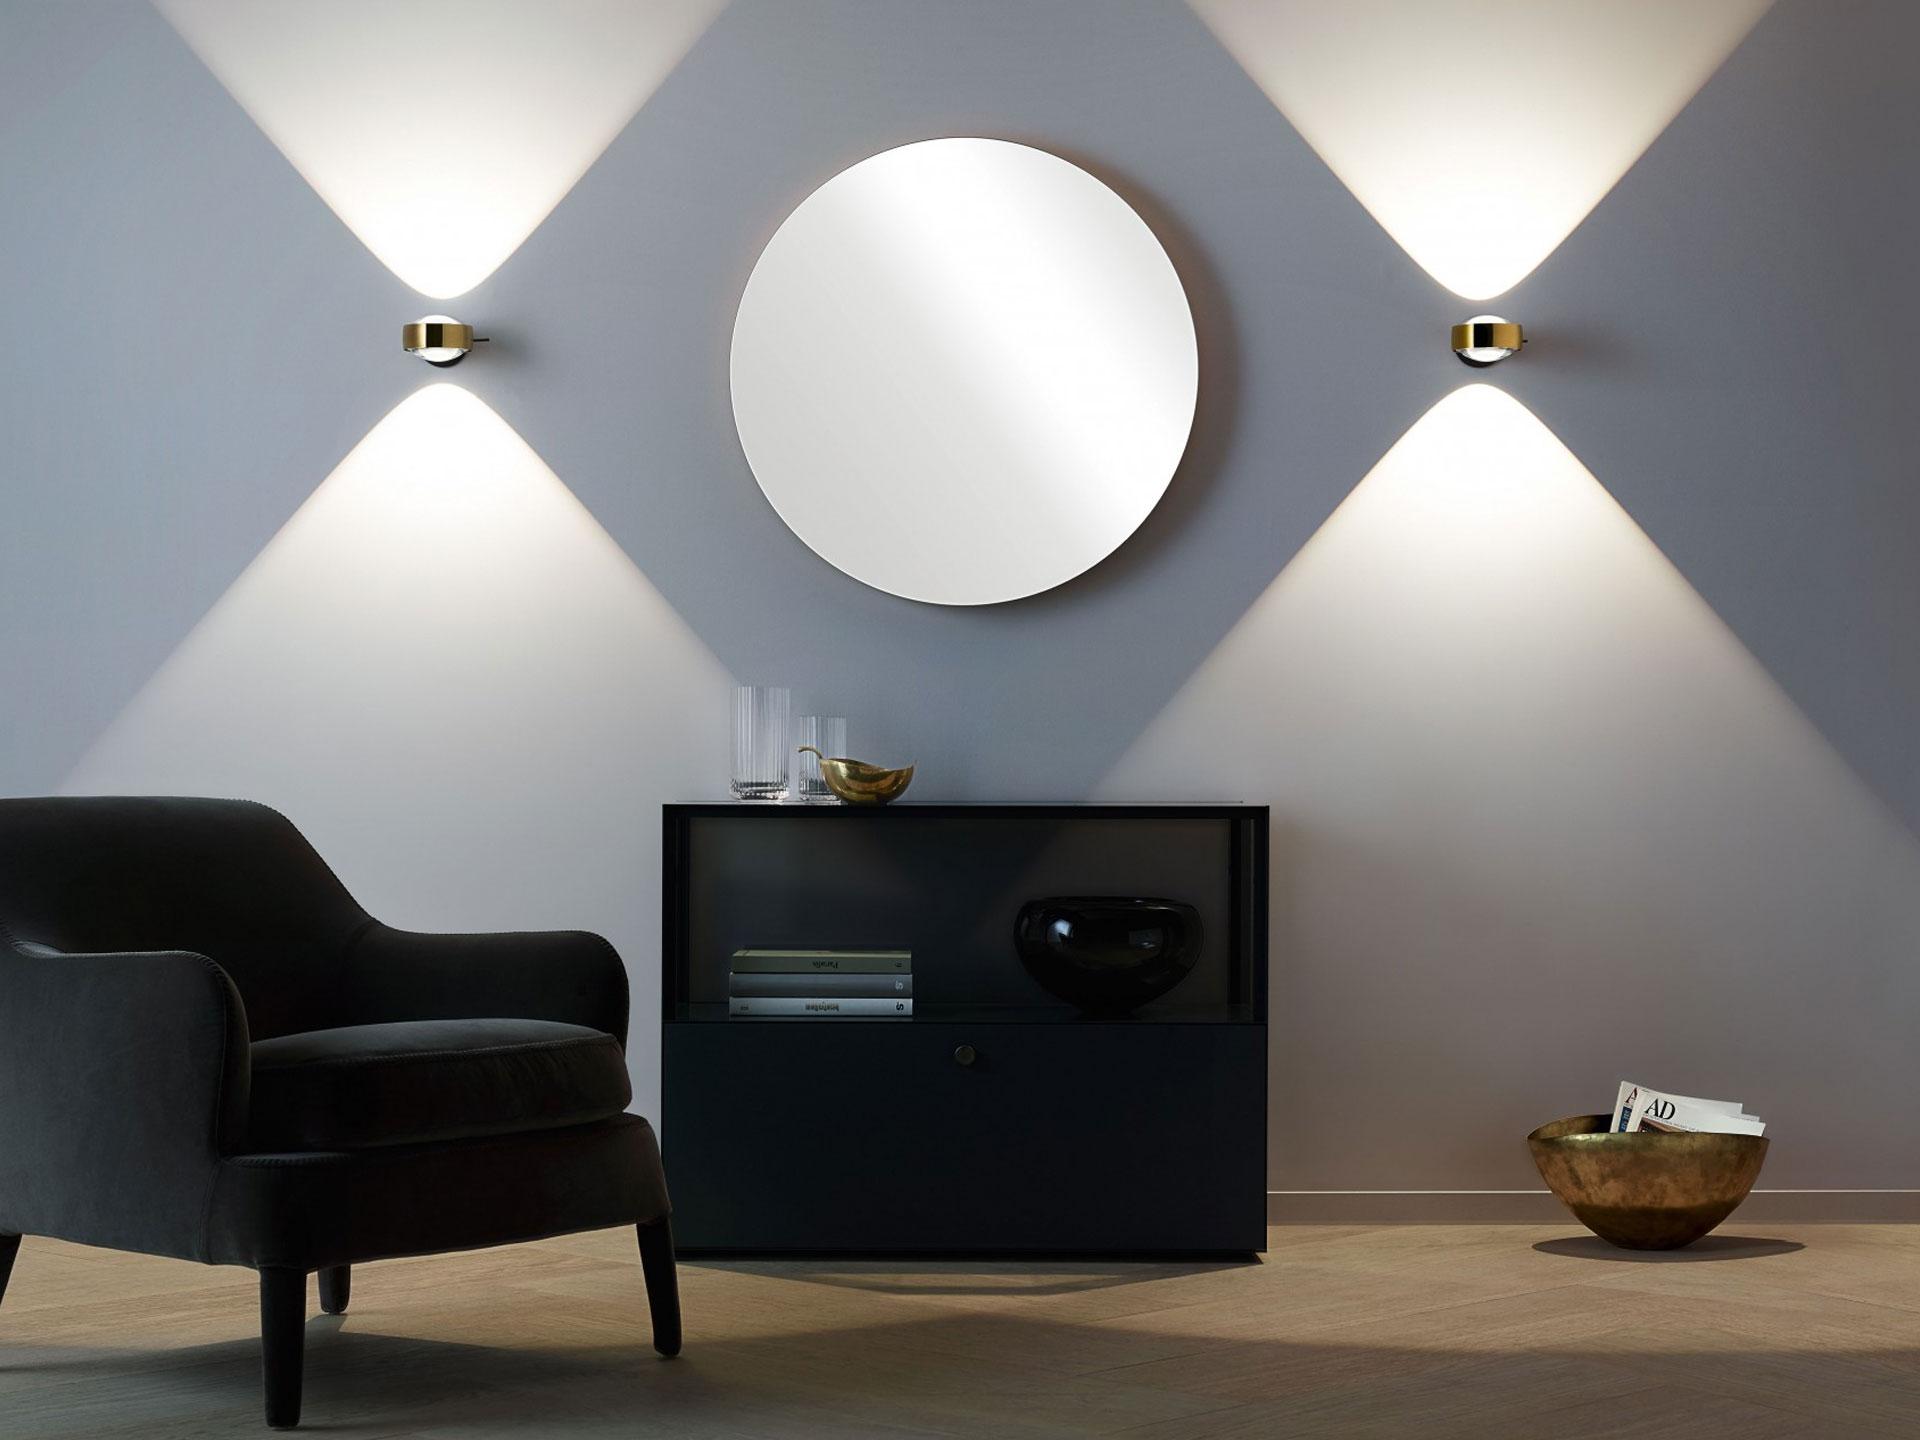 Zwei Occhio Sento verticale Designer LED-Wandleuchten an der Wand montiert, im Vordergrund ein schwarzer Sessel